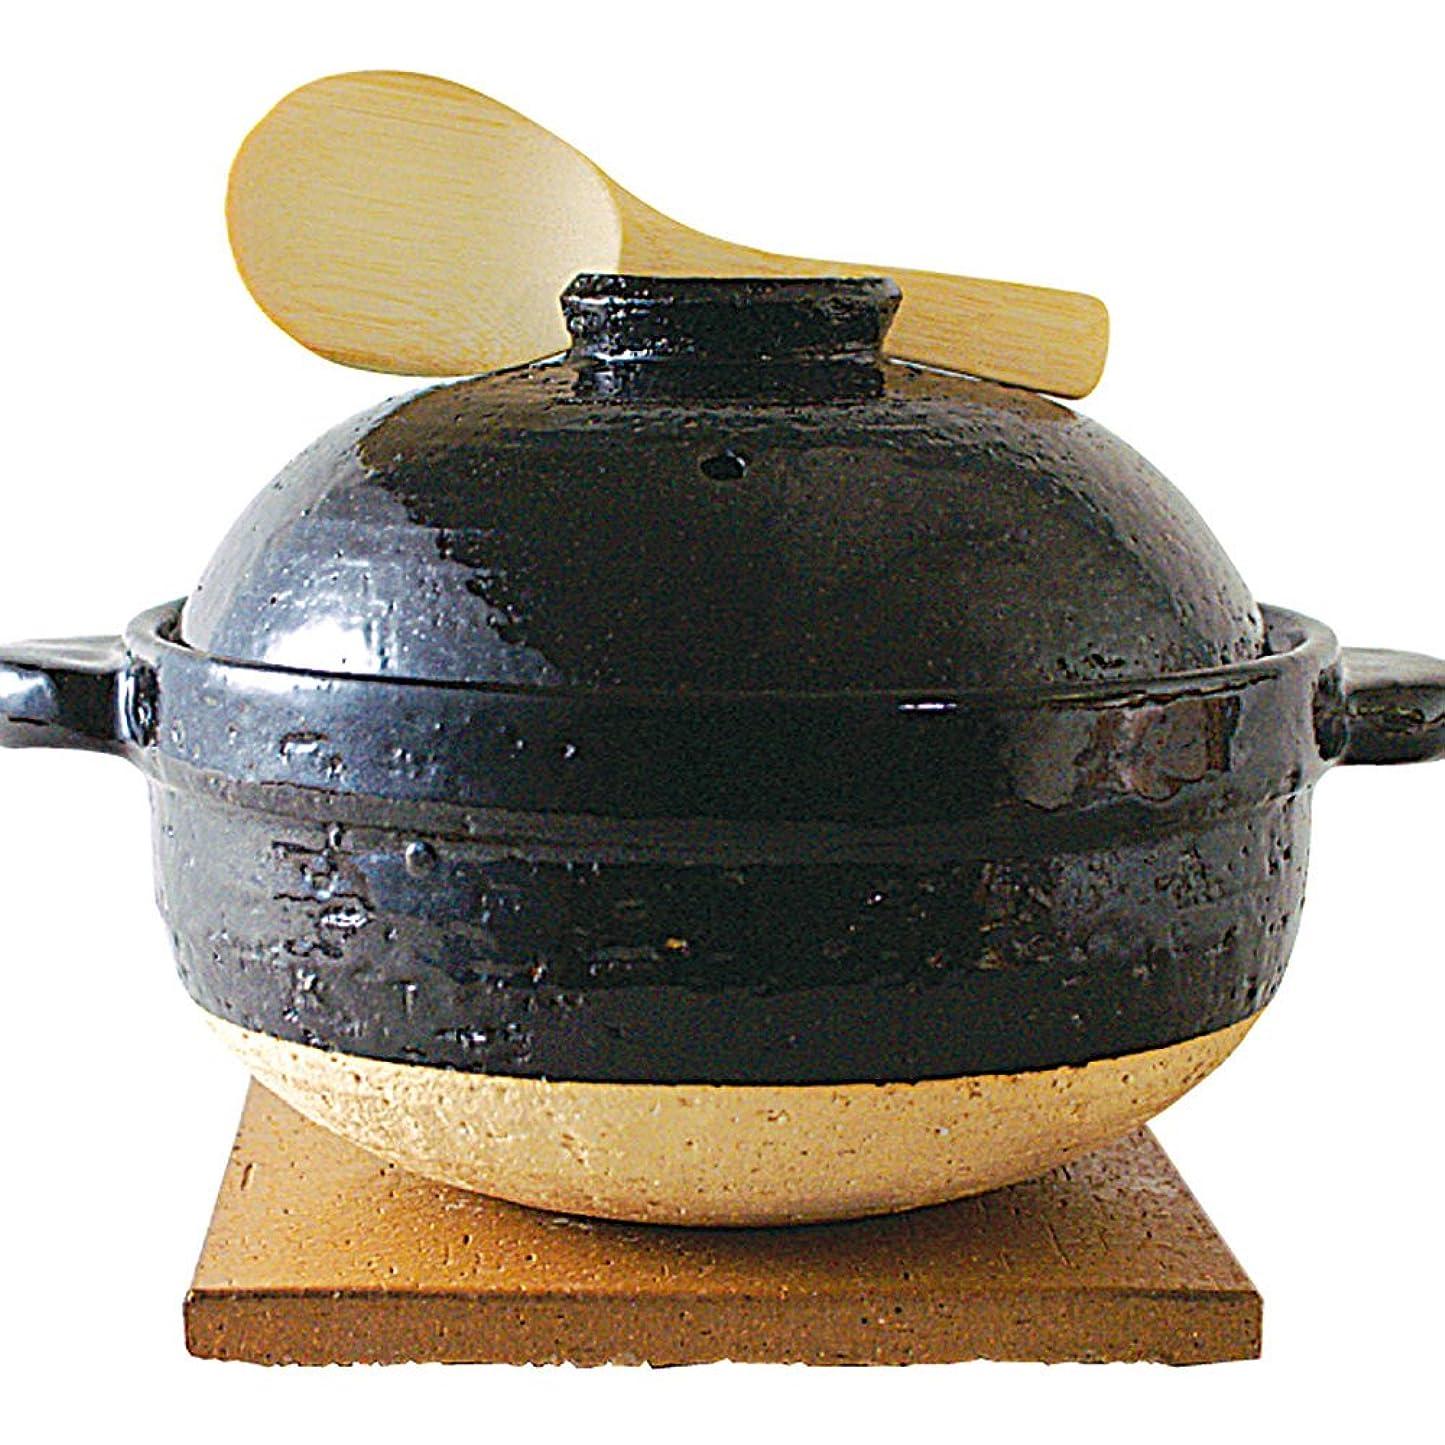 くそー嘆願根絶する長谷園 土鍋 ごはん土鍋 かまどさん 3合炊き 直径:240mm ごはん土鍋 伊賀焼窯元